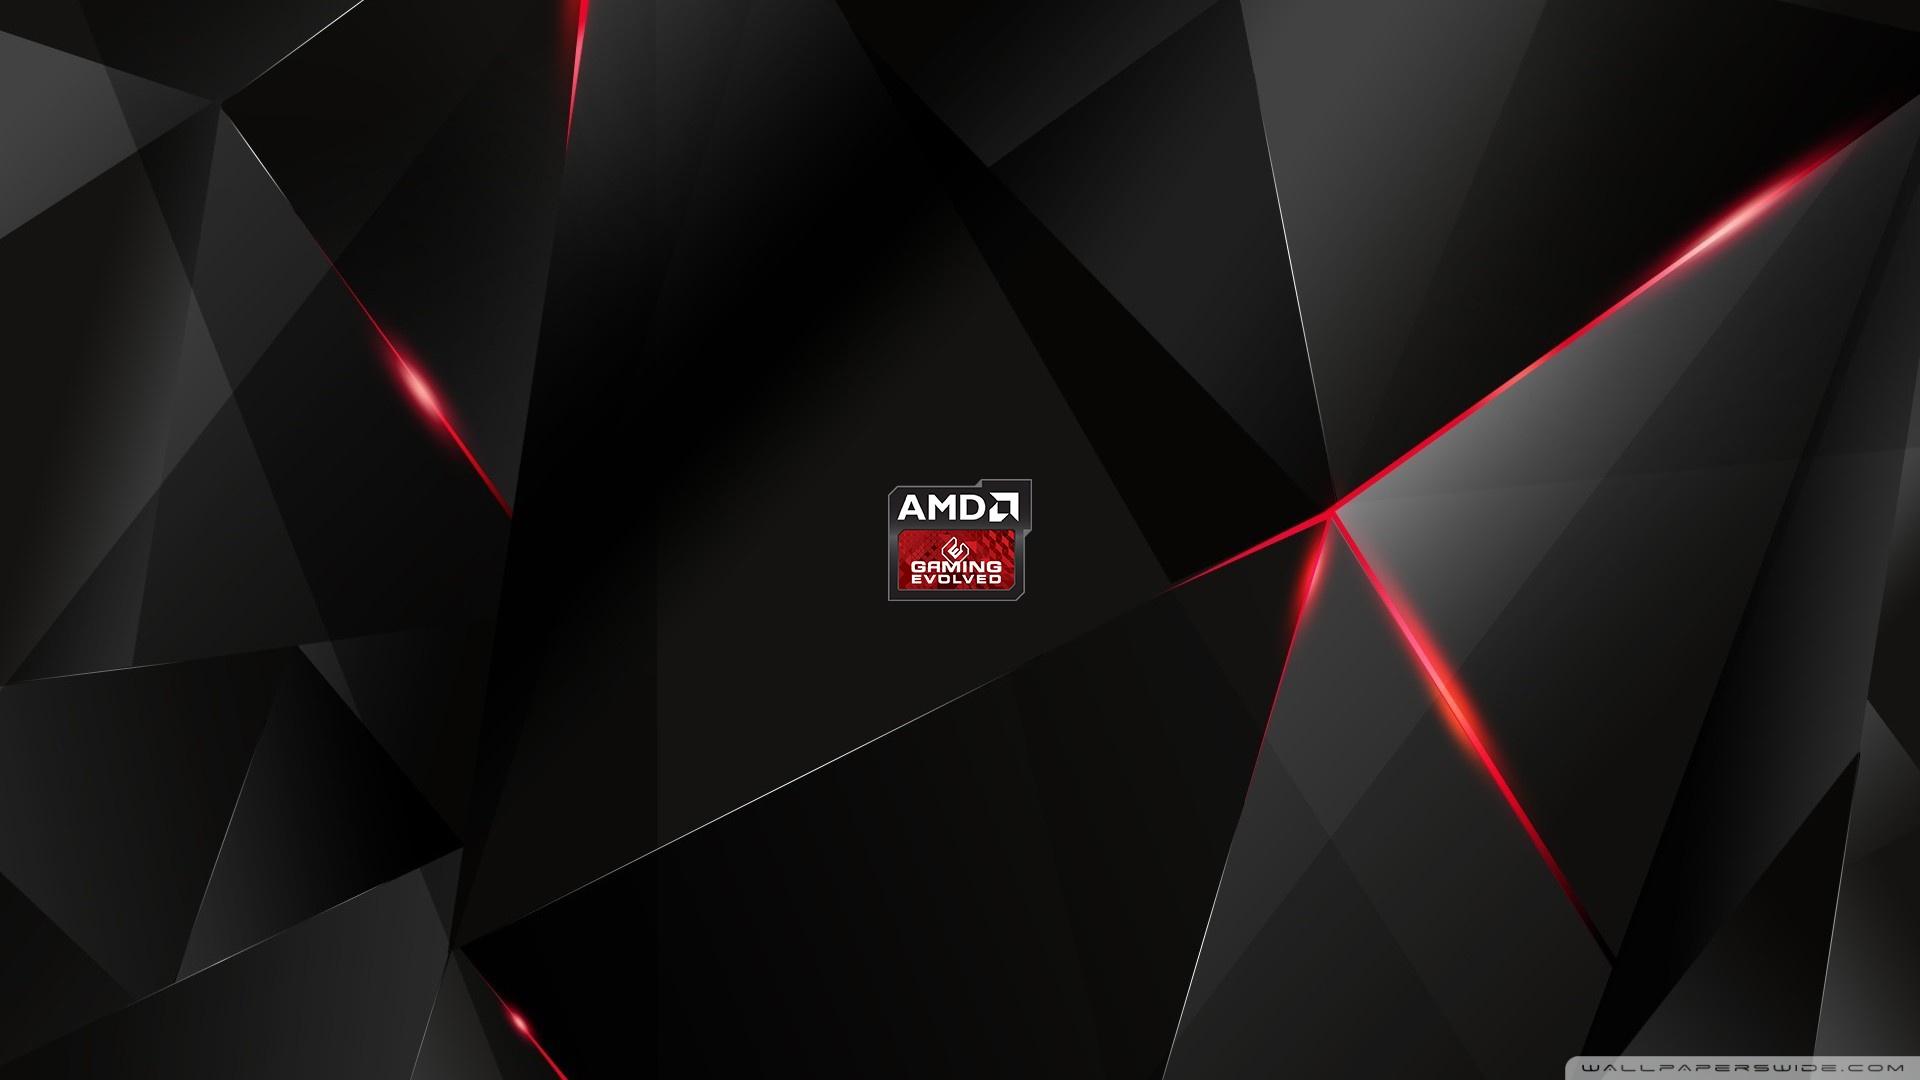 AMD Gaming Evolved HD desktop wallpaper : Widescreen : High